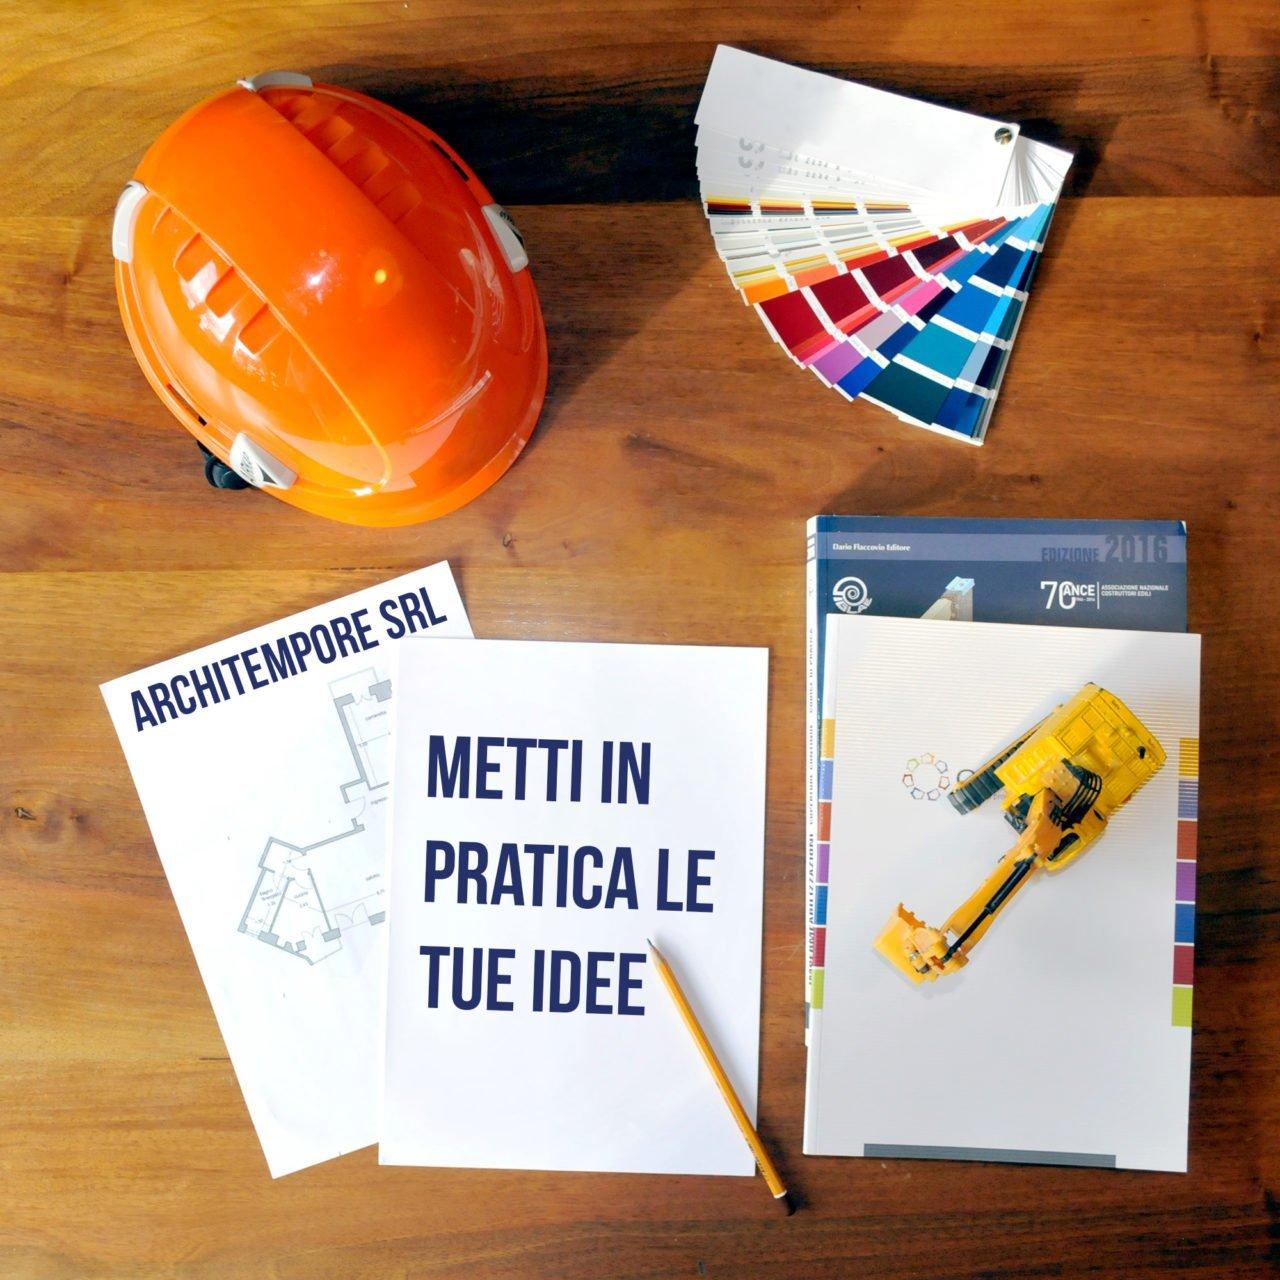 ristrutturazione_progettazione_impresa_edile_milano_architempore